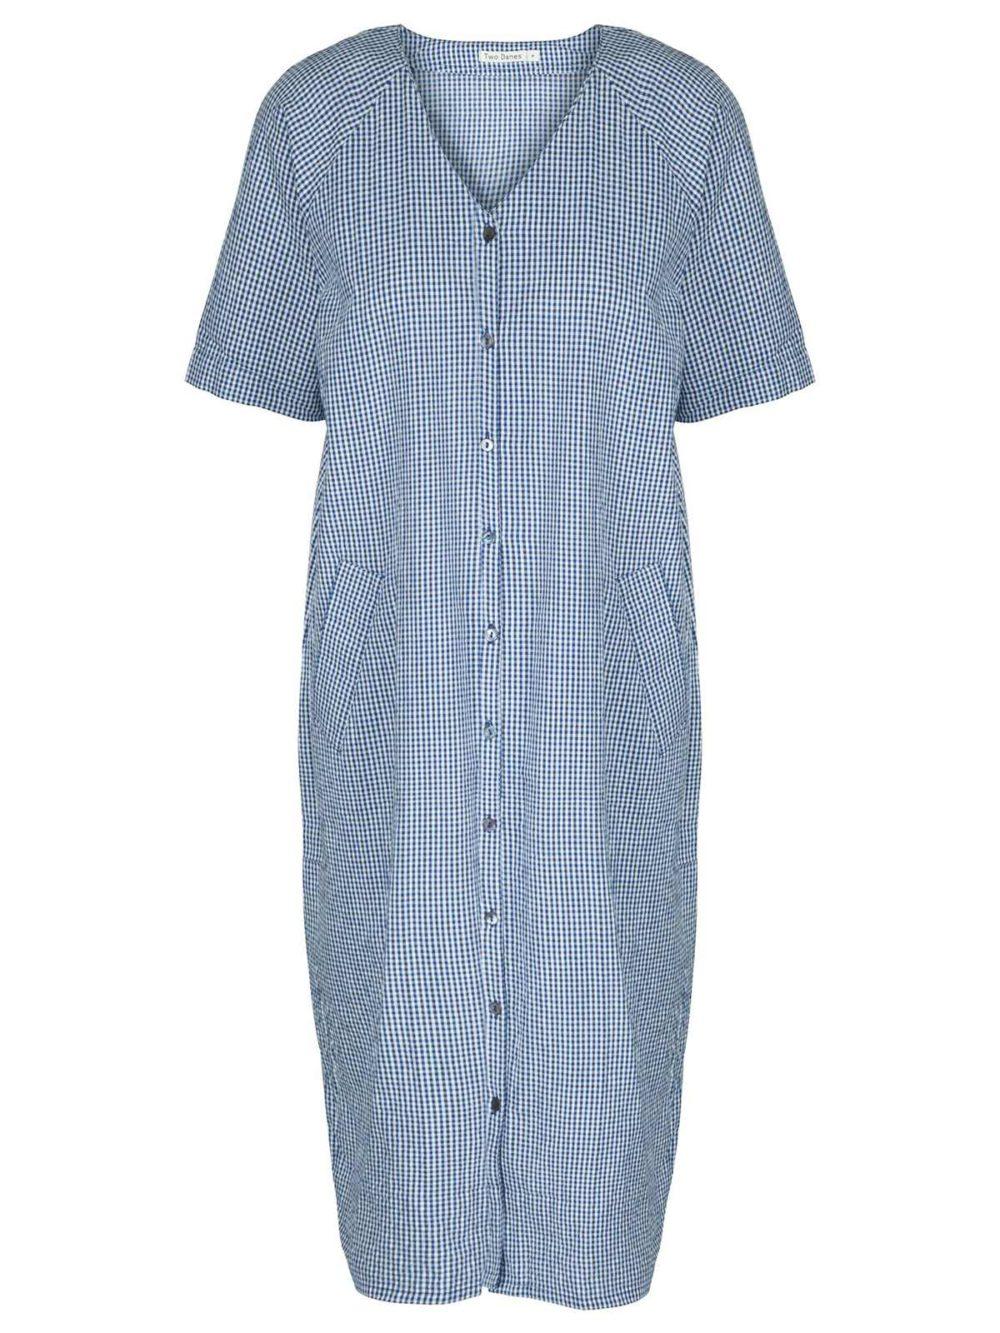 Sali Dress Two Danes Katie Kerr Women's Clothing